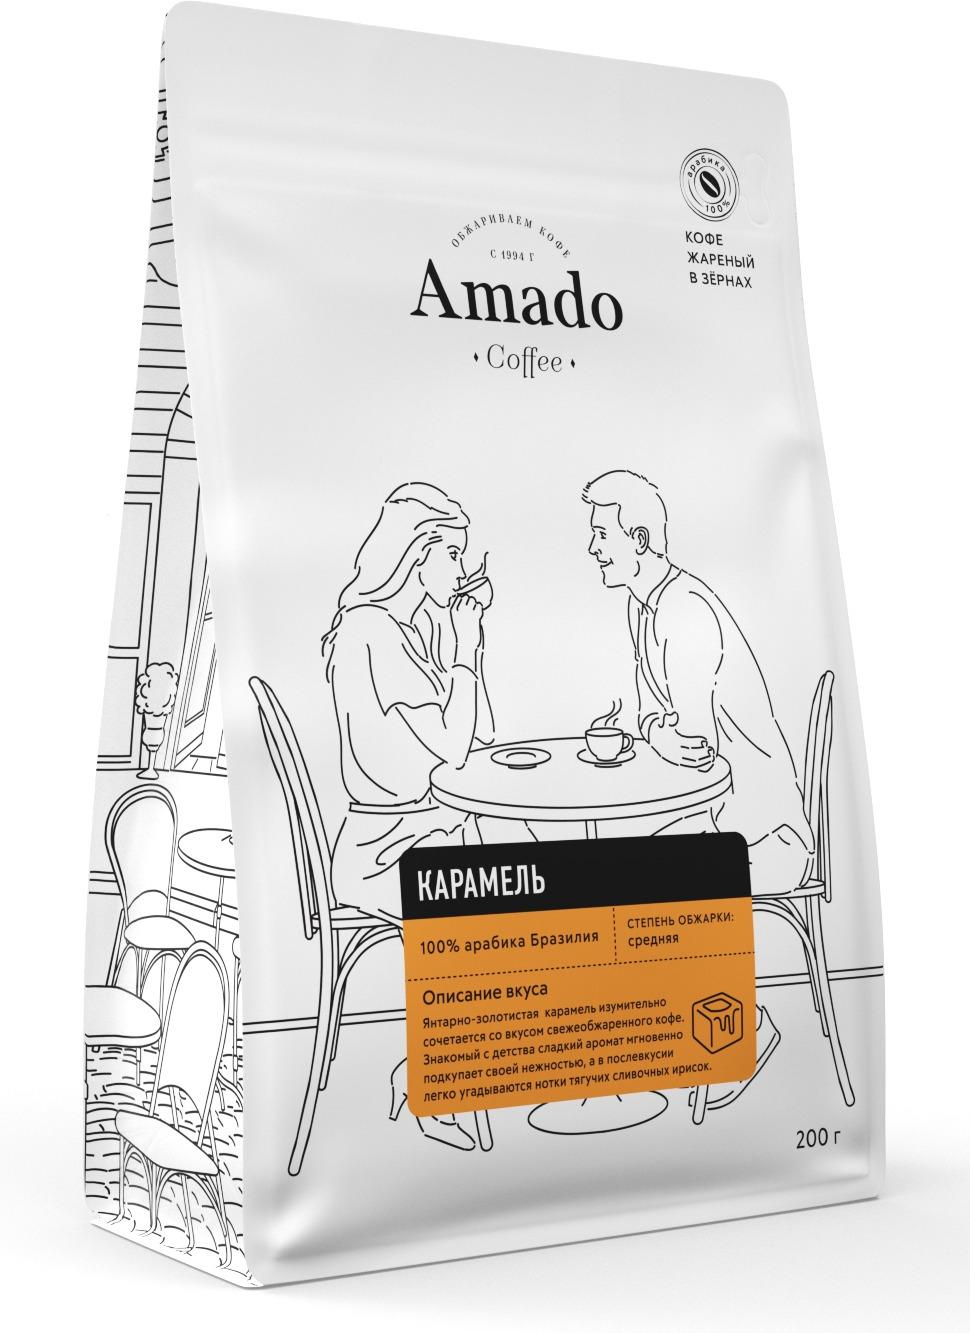 AMADO Карамель кофе в зернах, 200 г amado шоколад кофе в зернах 200 г